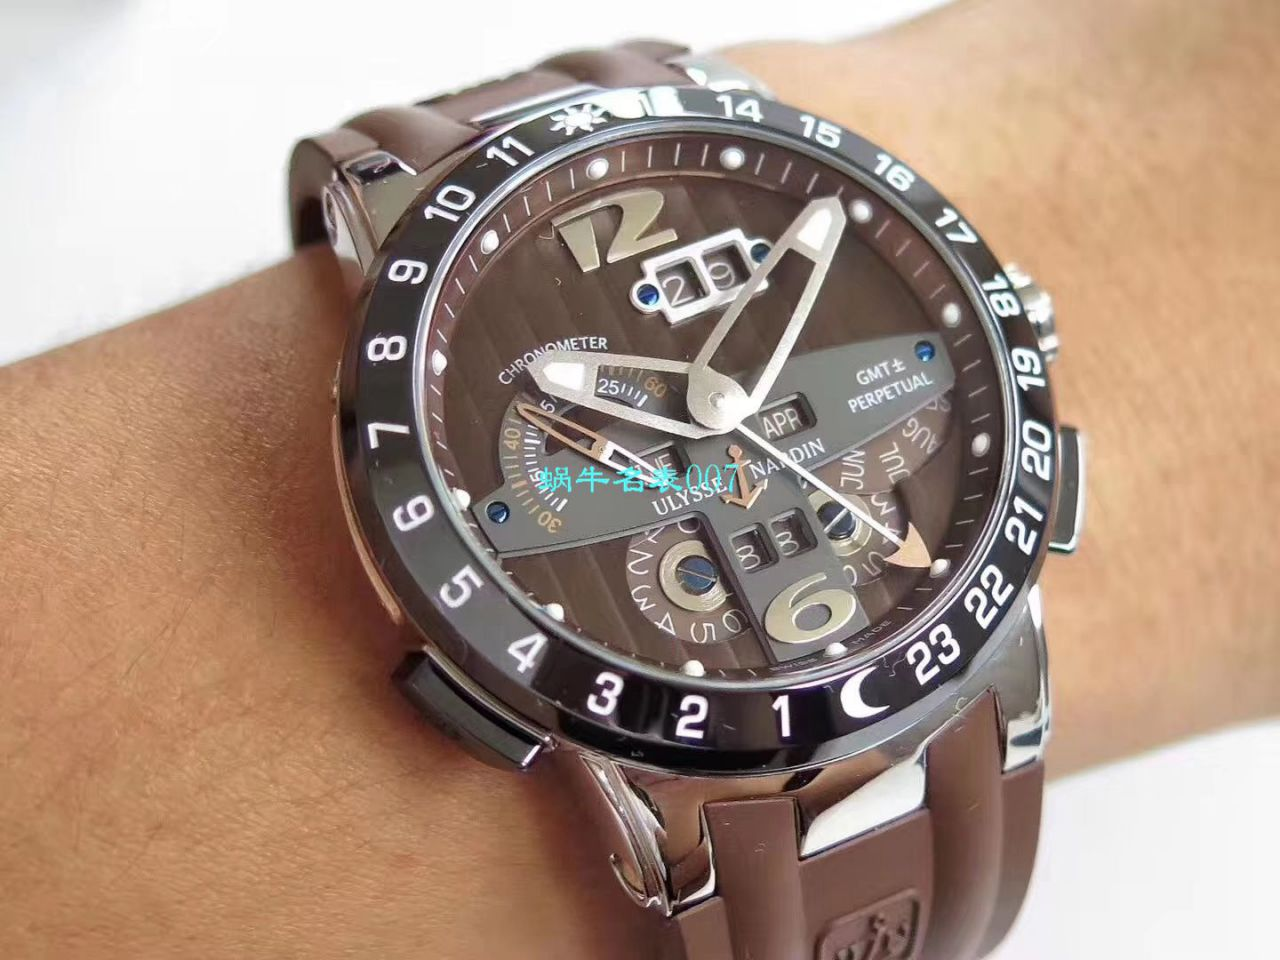 【评测TWA雅典复刻手表】雅典表复杂功能系列326-03腕表 / YD017